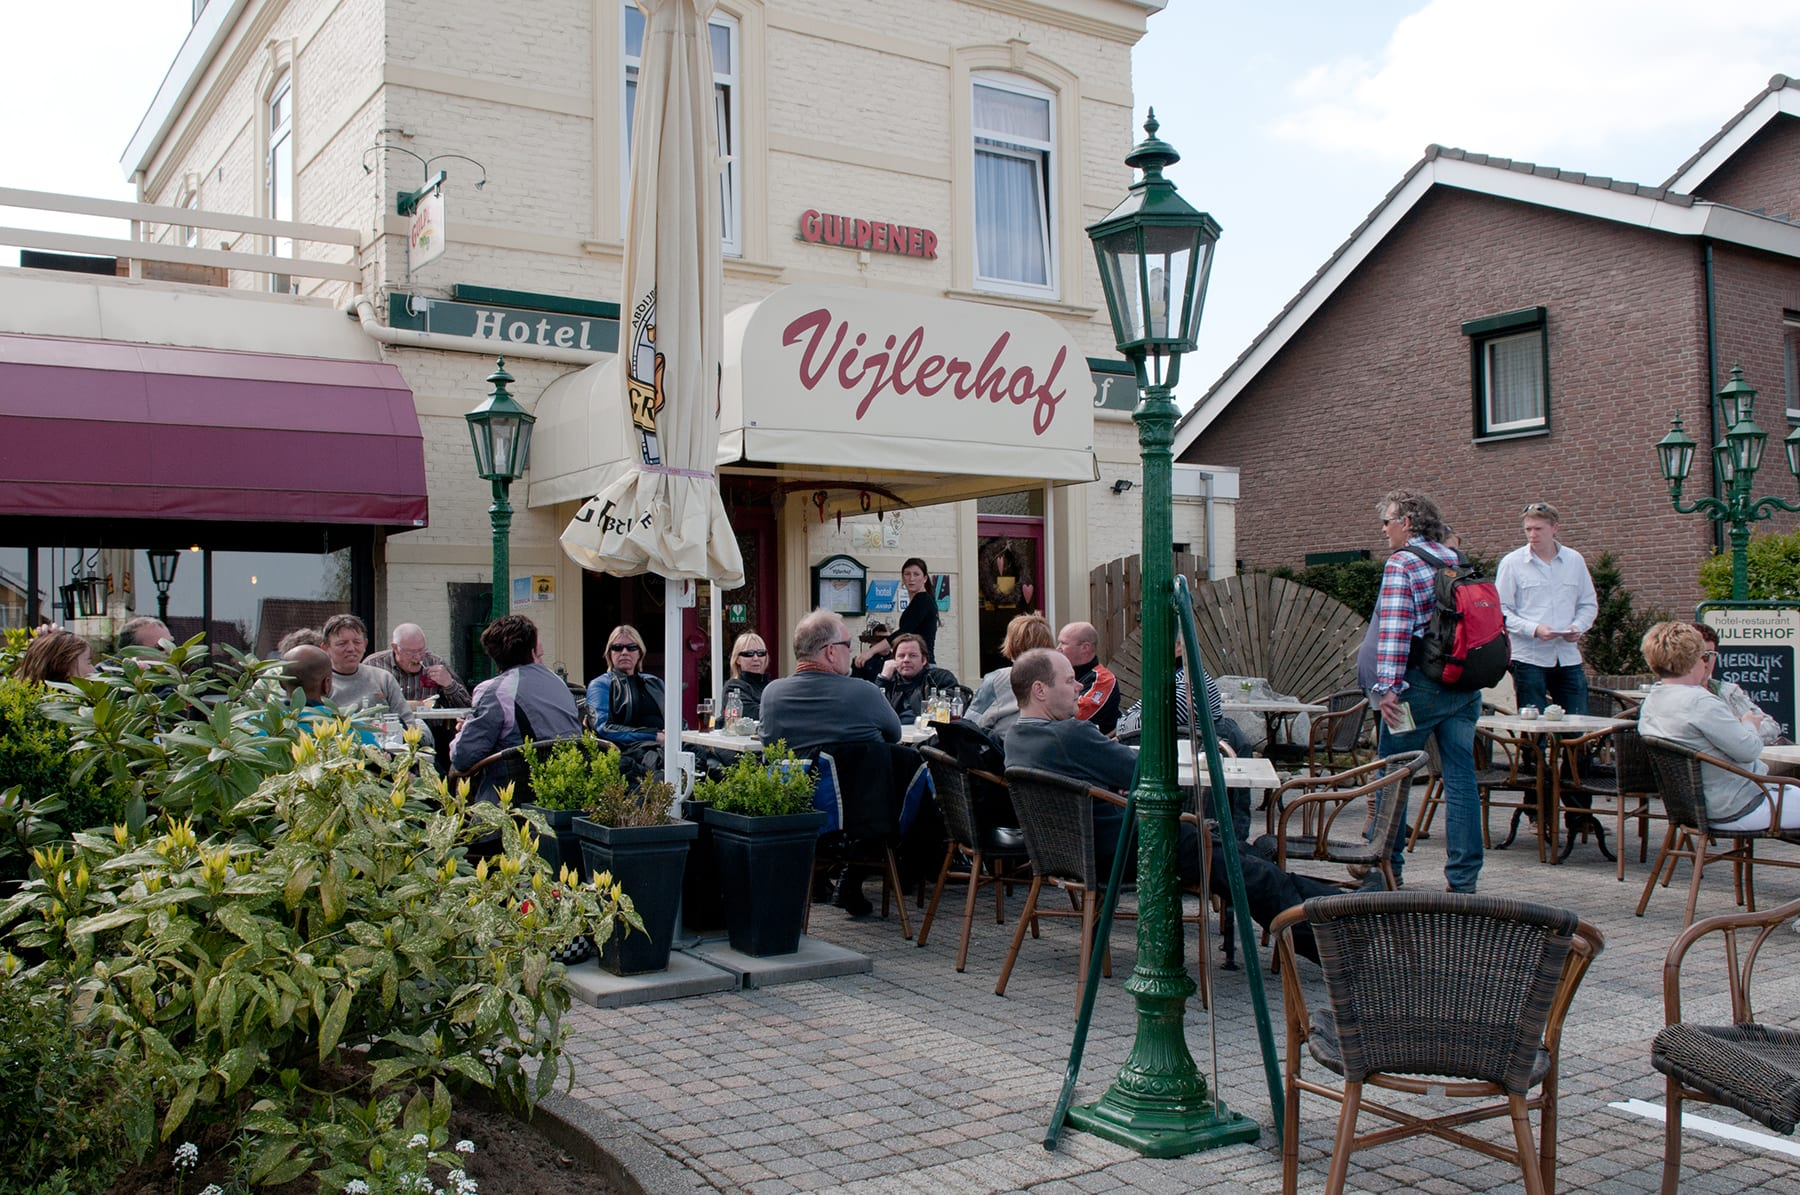 Vijlerhofmei2011 080